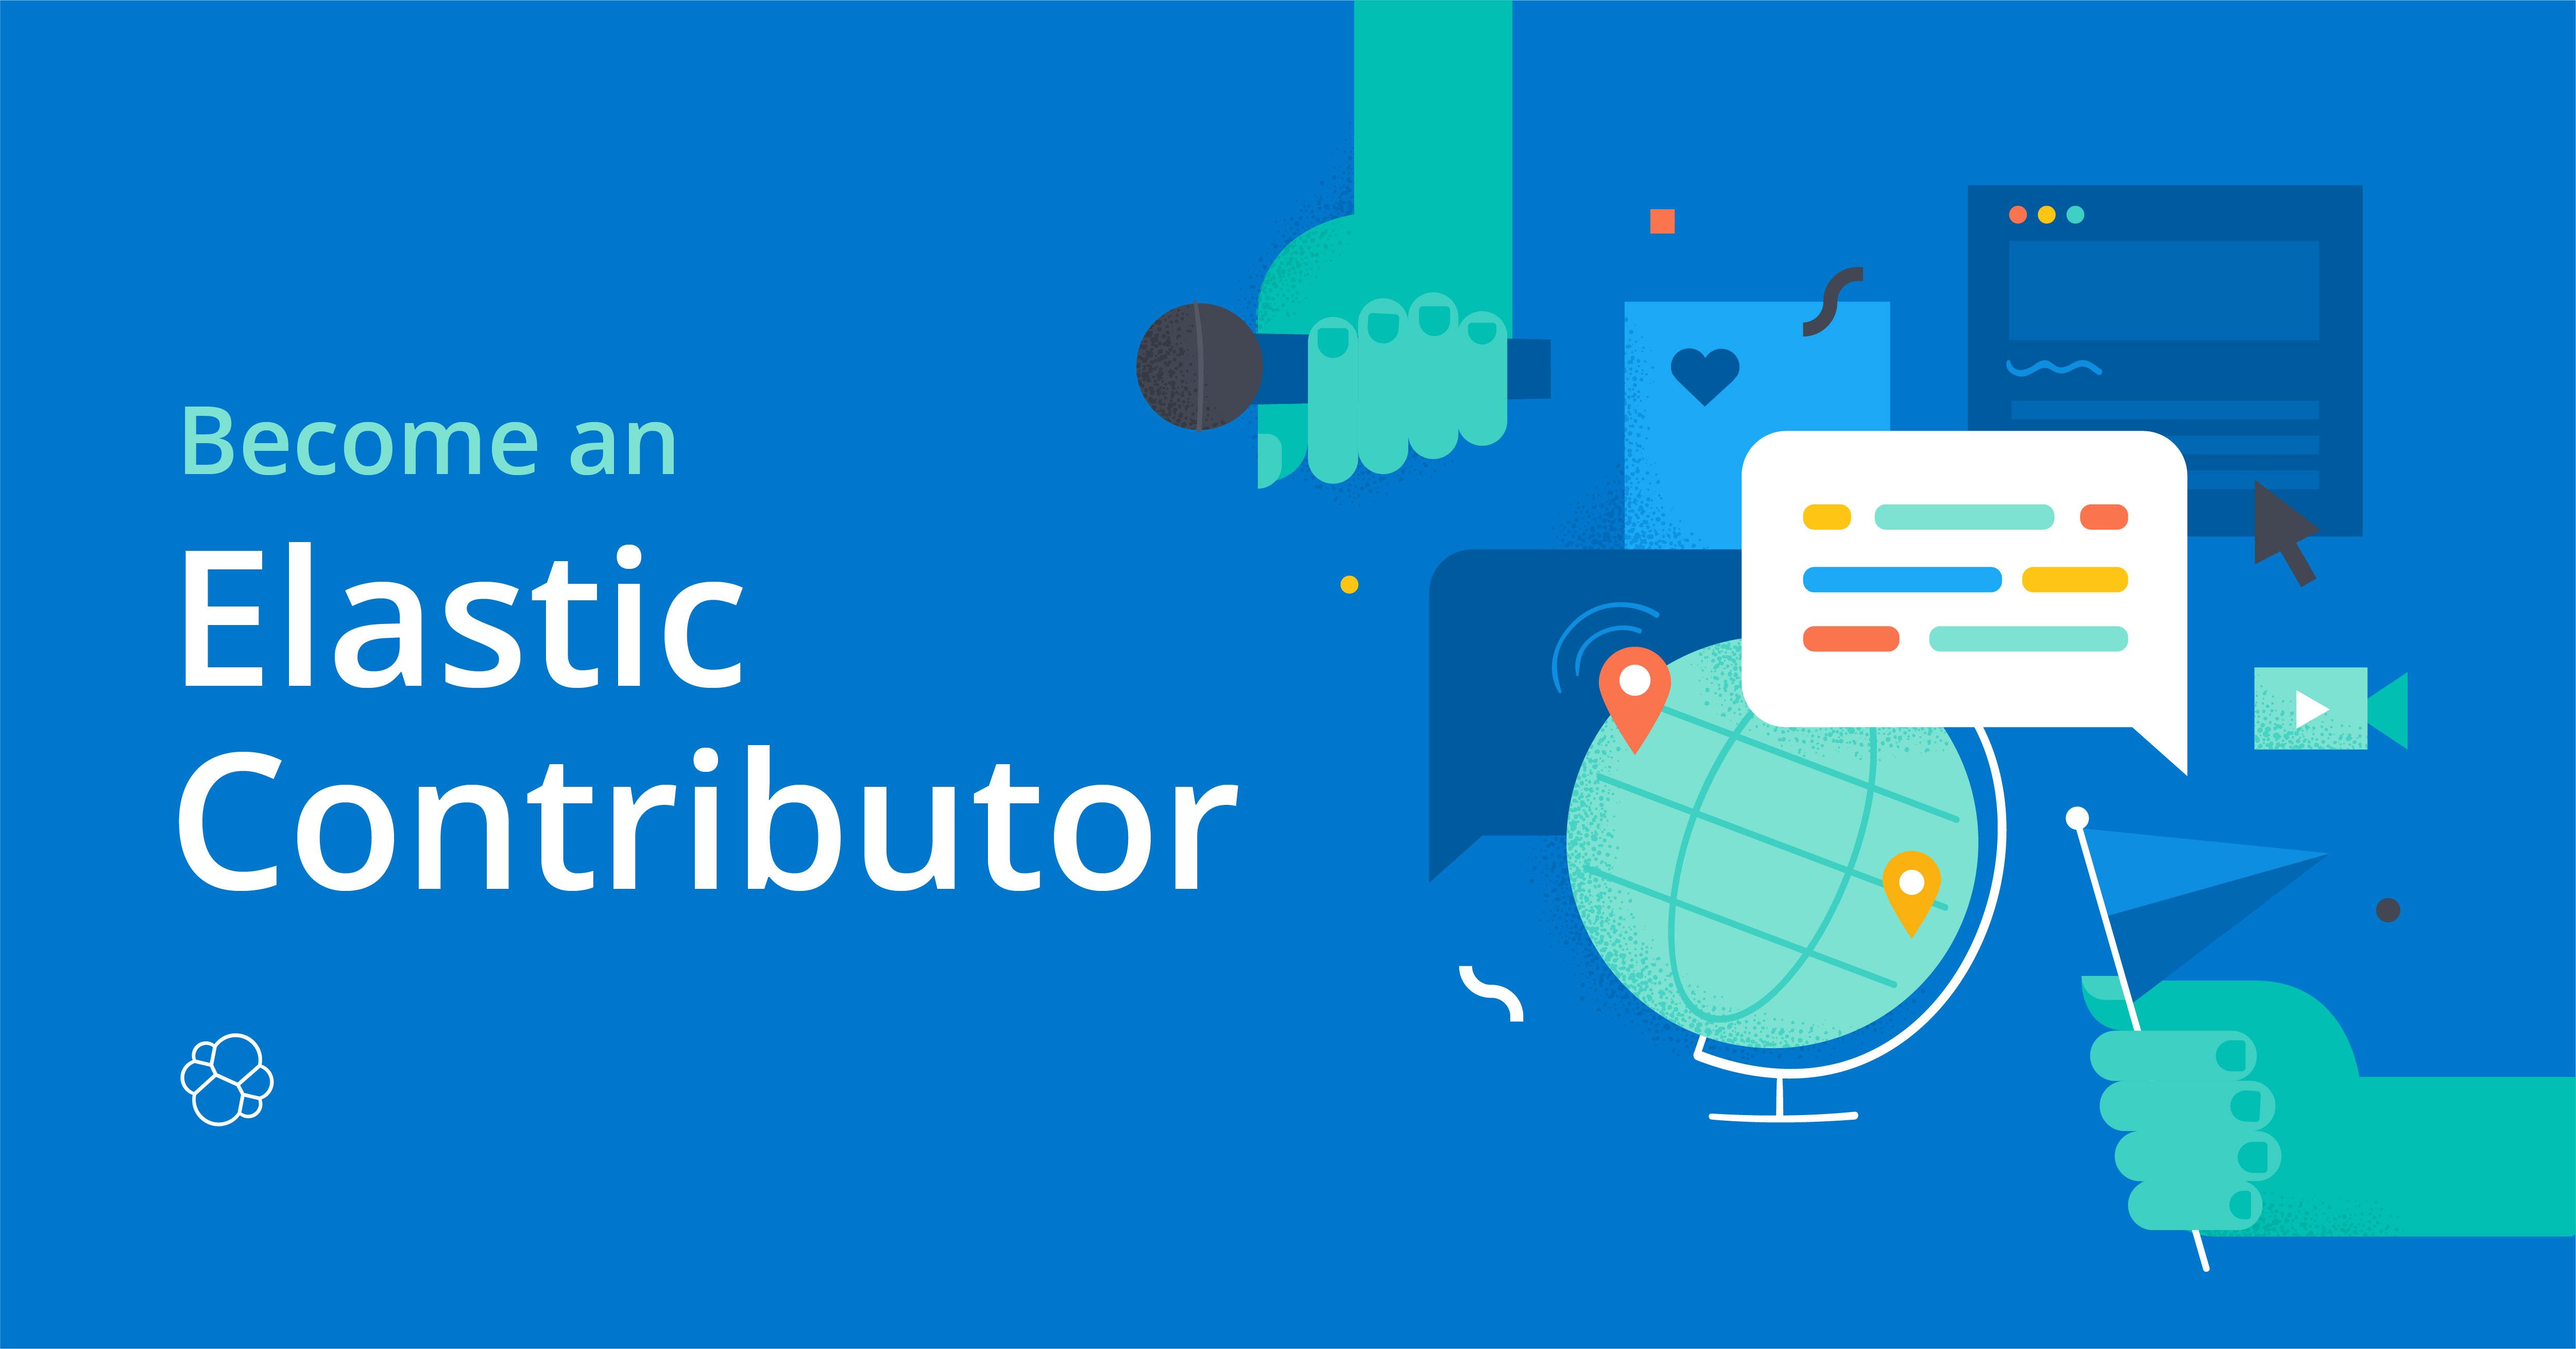 GitHub - elastic/Elastic-Contributor-Program